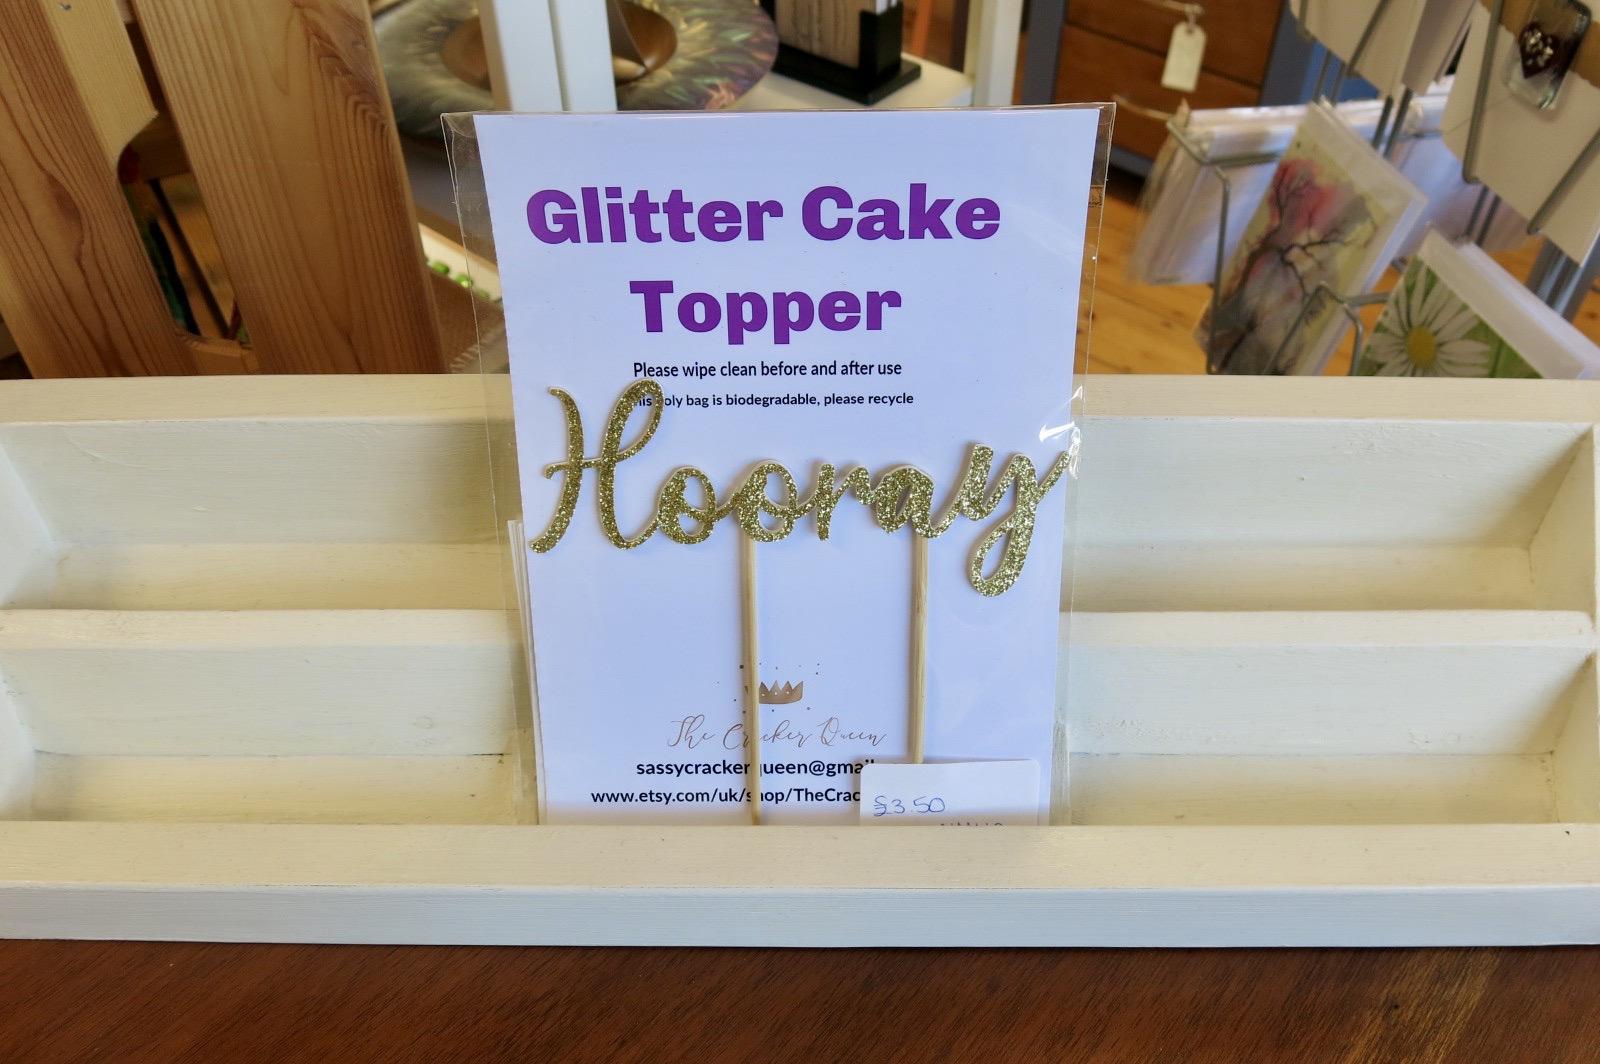 HOORAY GLITTER CAKE TOPPER